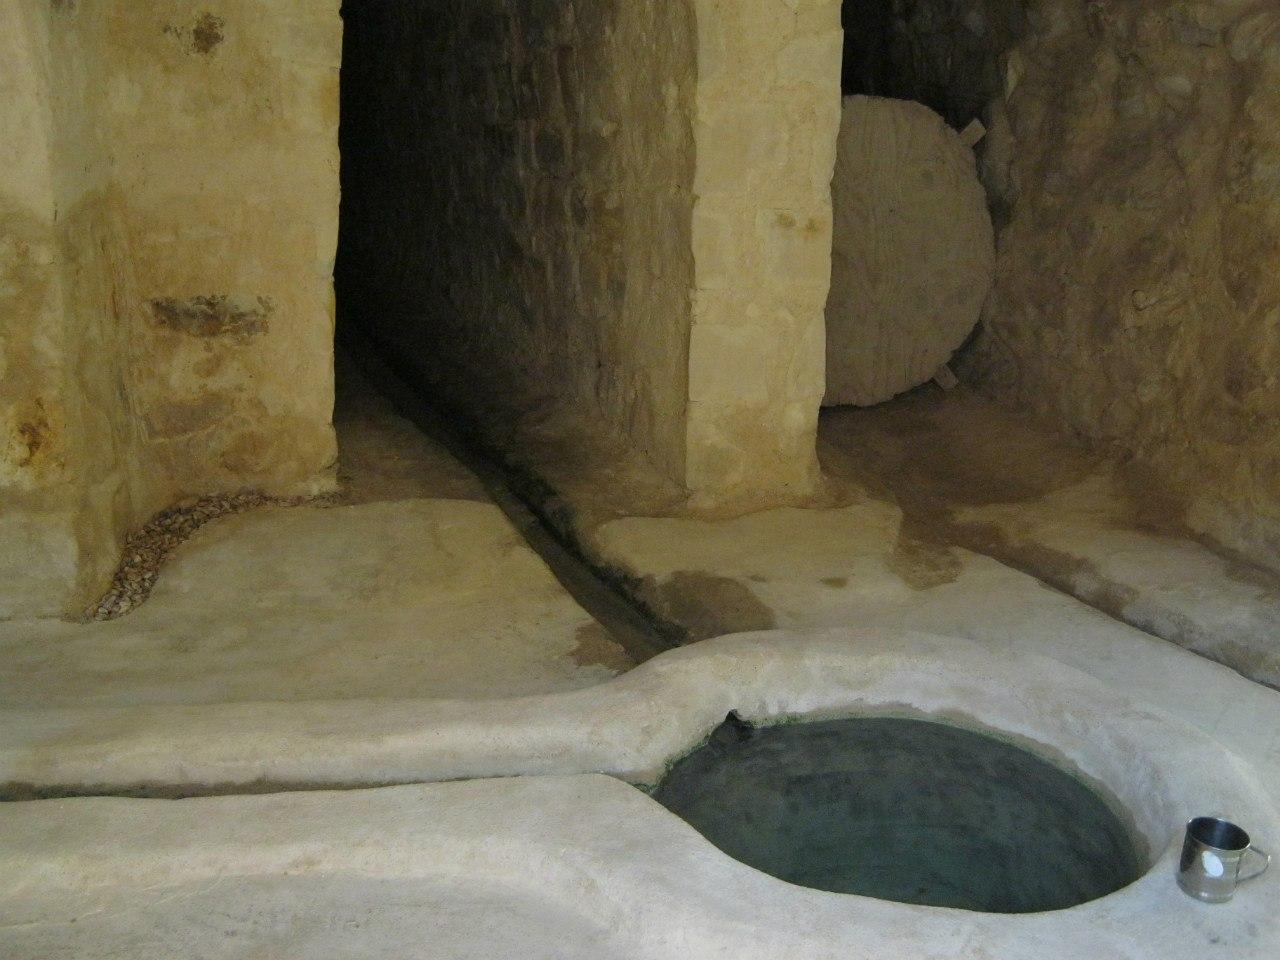 древний источник воды в монастыре святого Павла в Египте